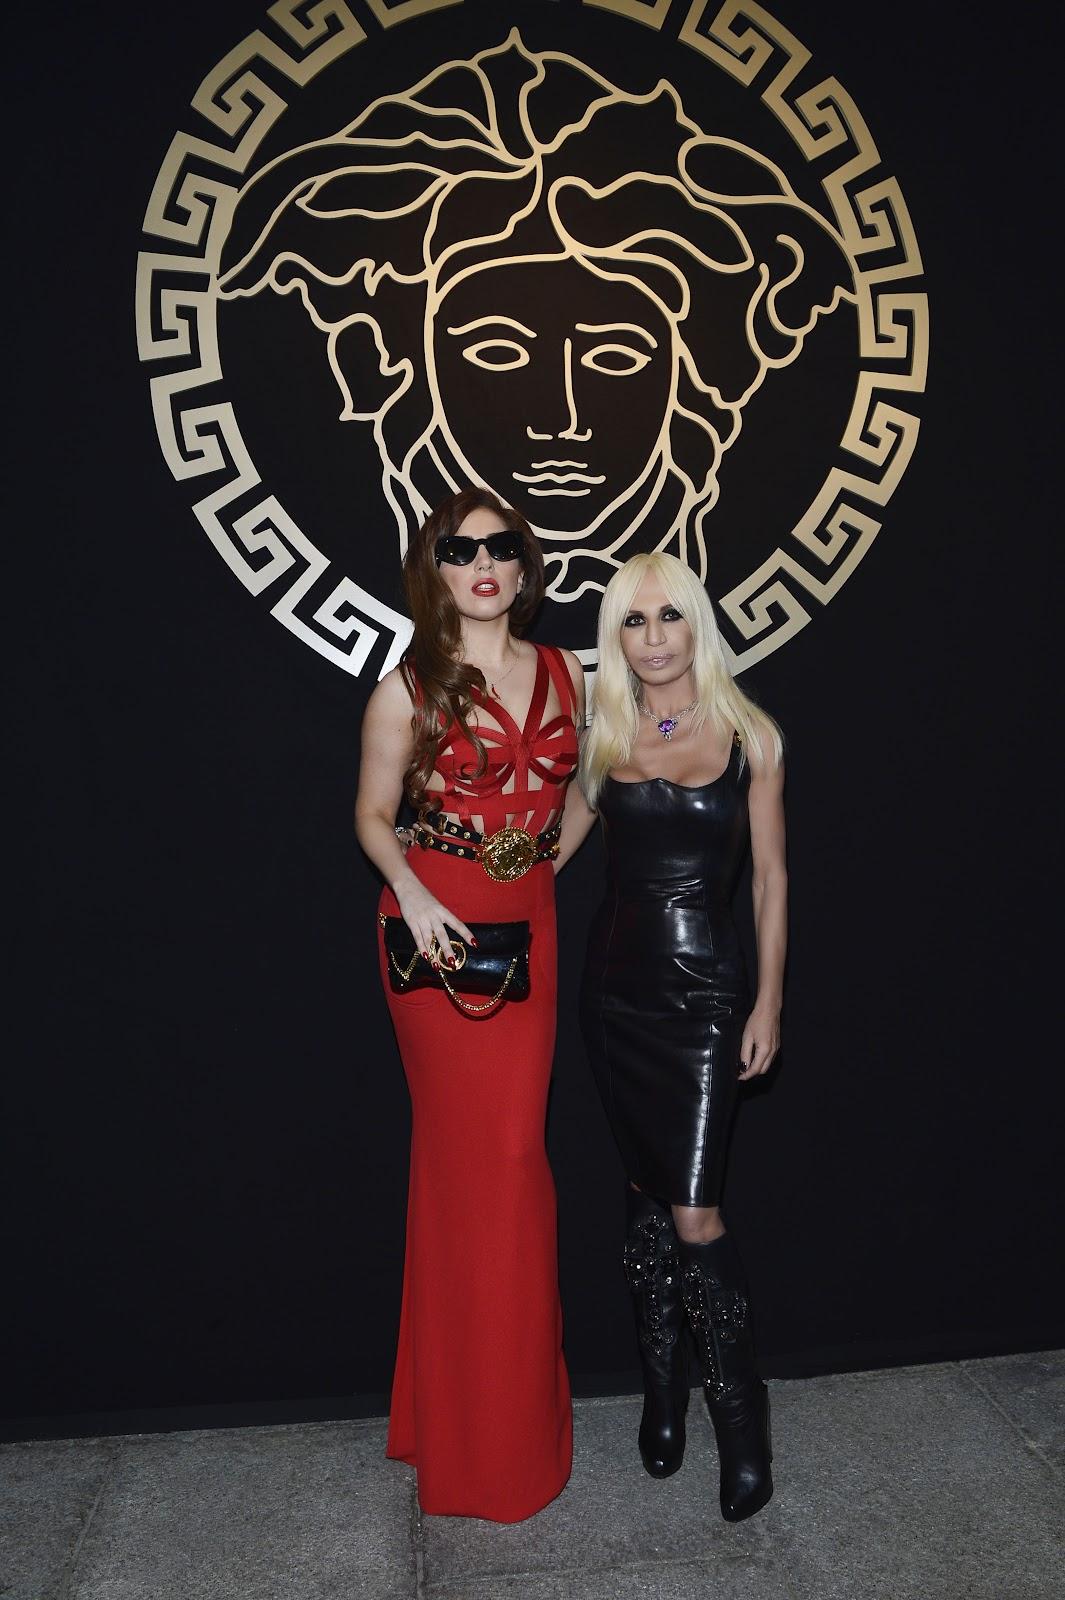 http://2.bp.blogspot.com/-1nk0FQWKrm8/UGoB8olx-nI/AAAAAAAASY4/UJQgLJuFQ84/s1600/Donatella+Versace+&+Lady+Gaga.jpg